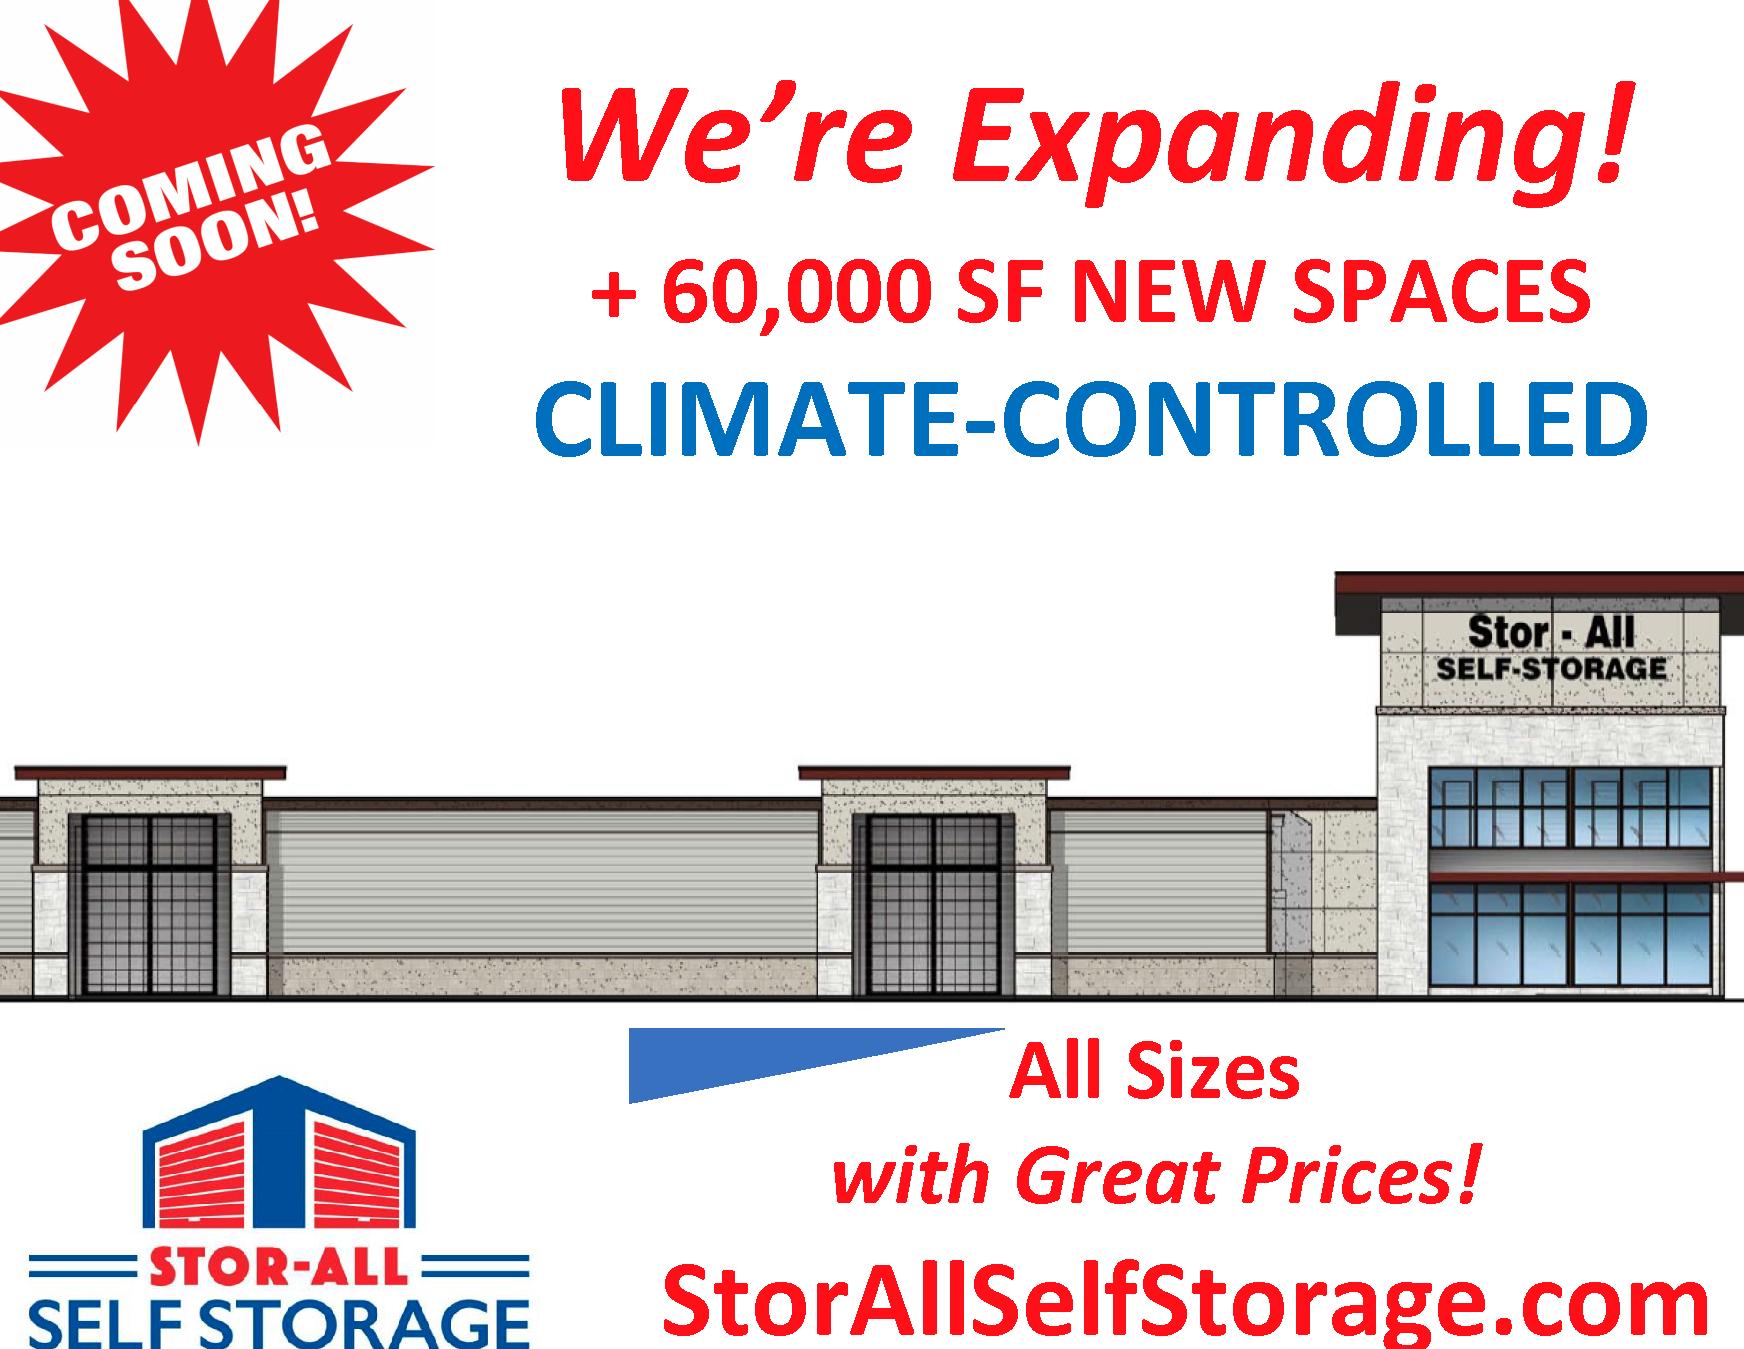 United Storage Group Property Management